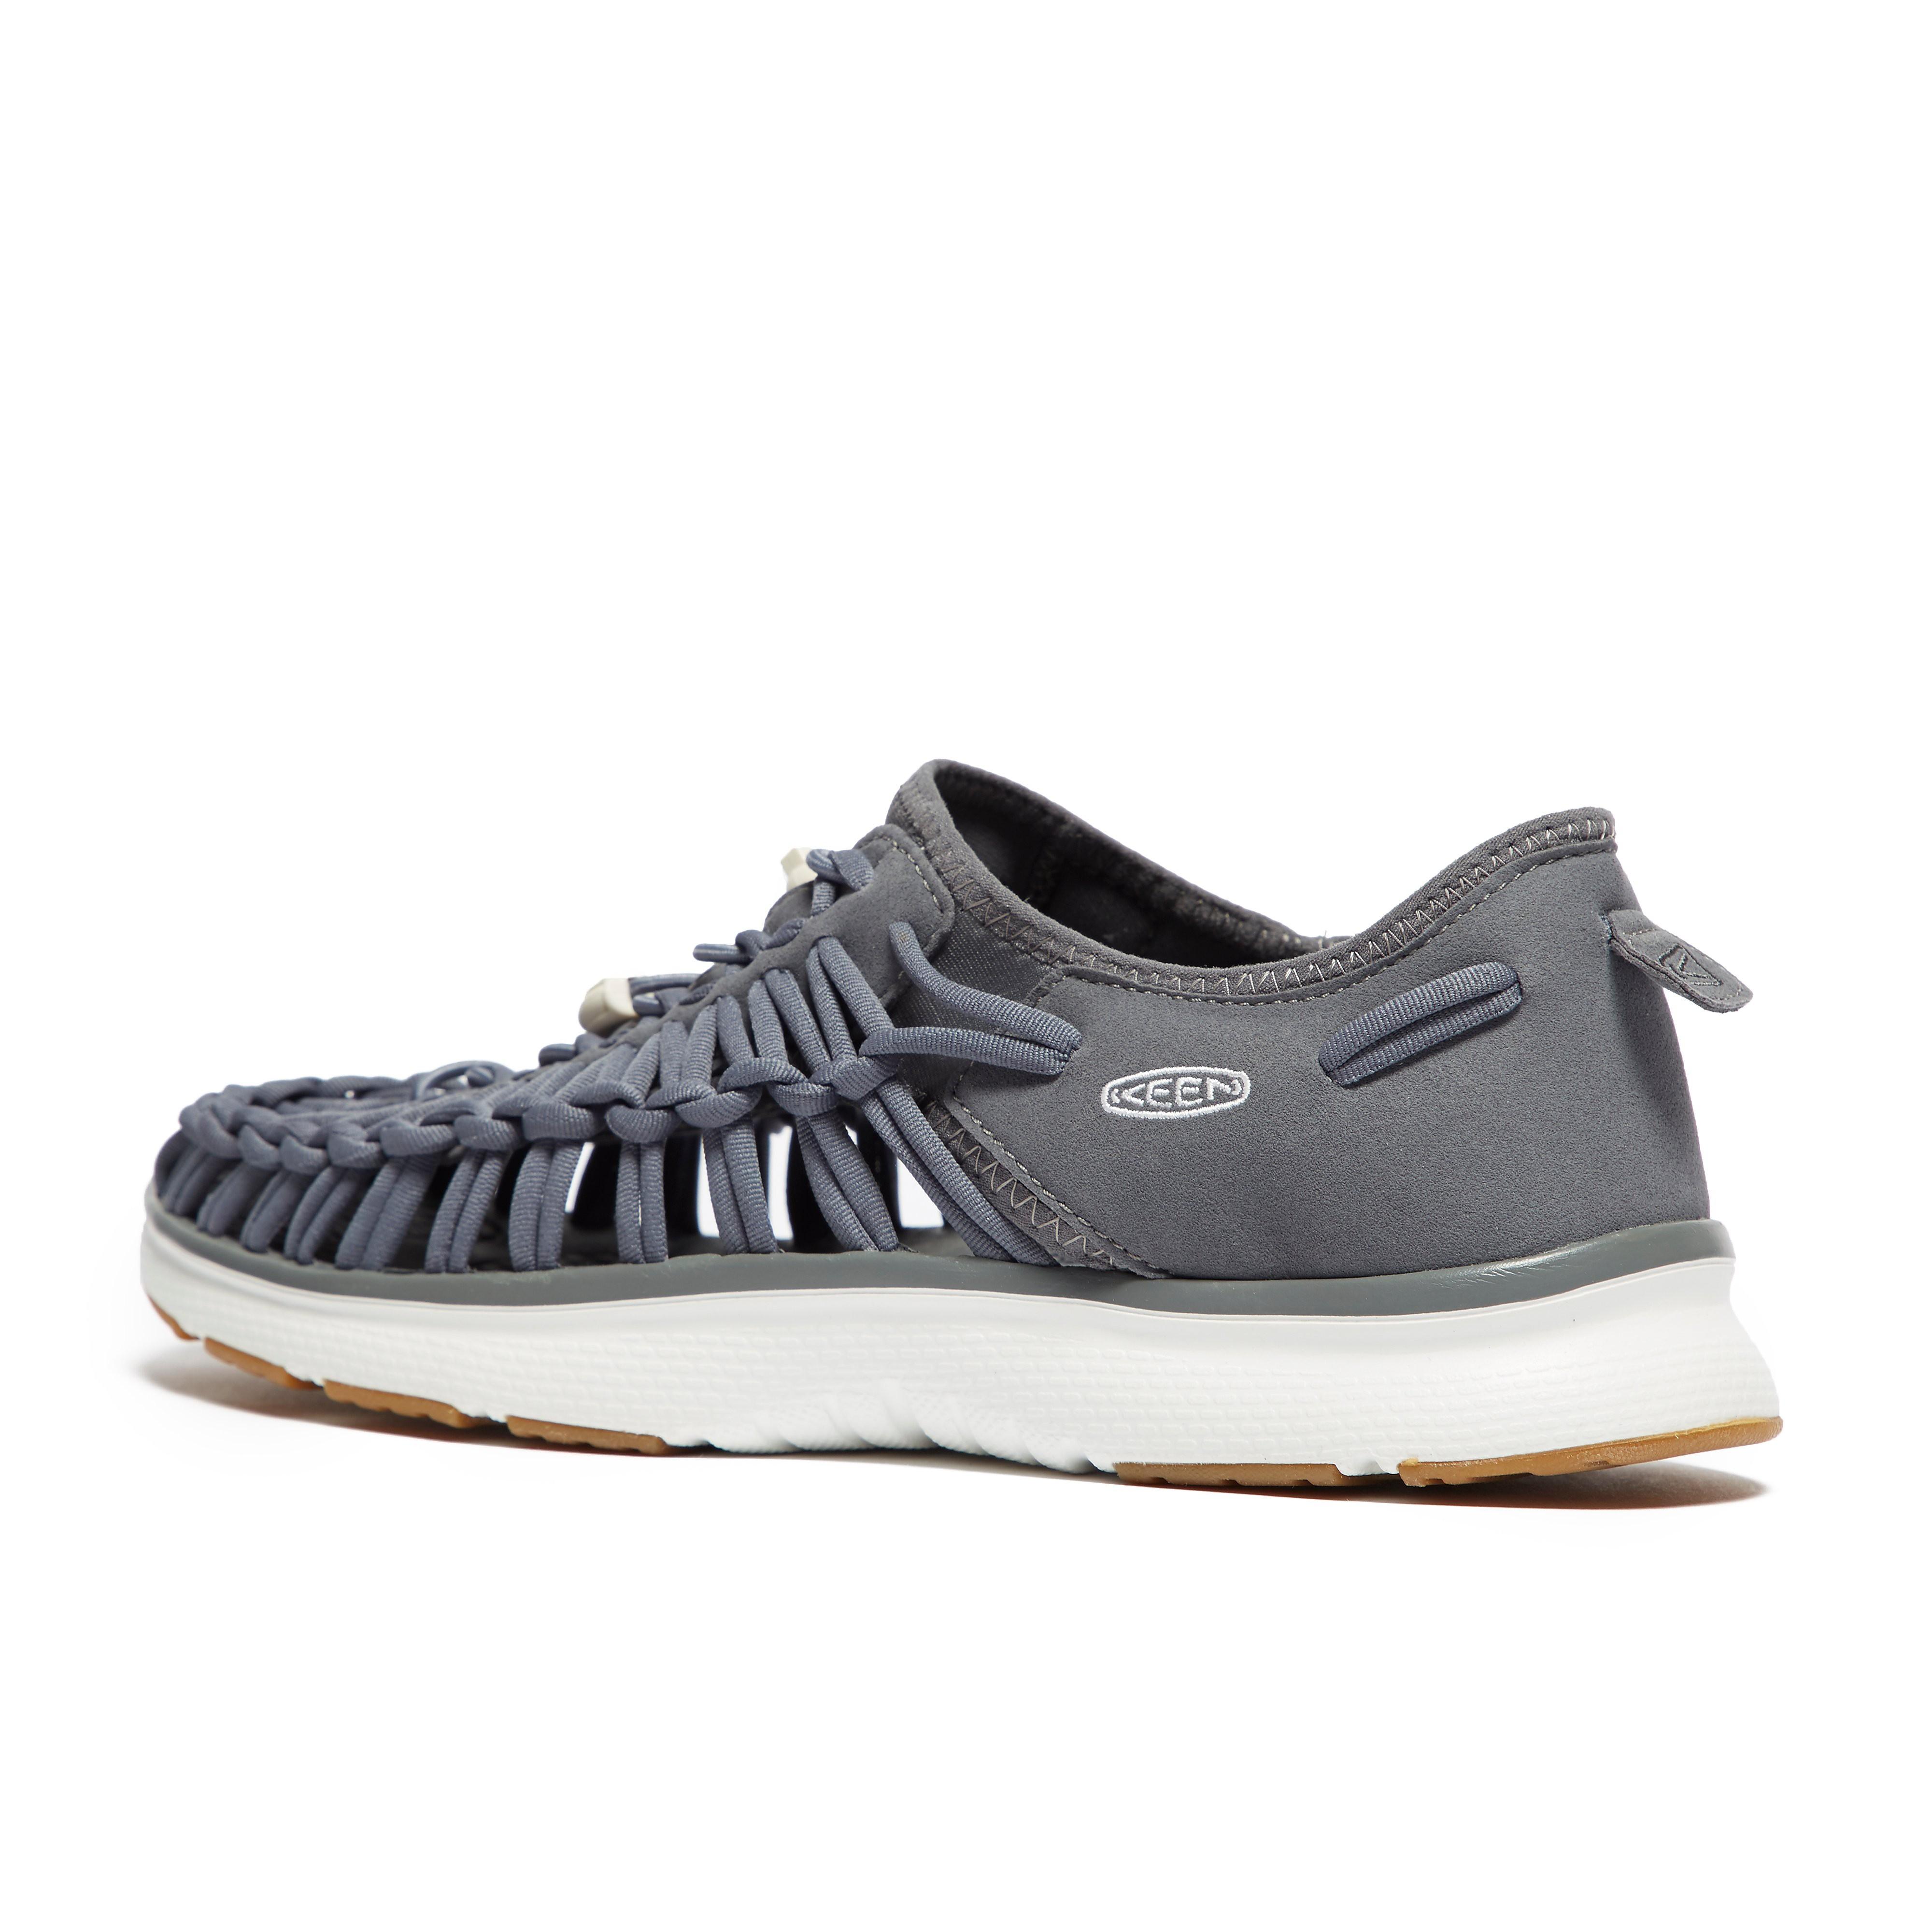 Keen UNEEK 2.0 Men's Walking Sandals